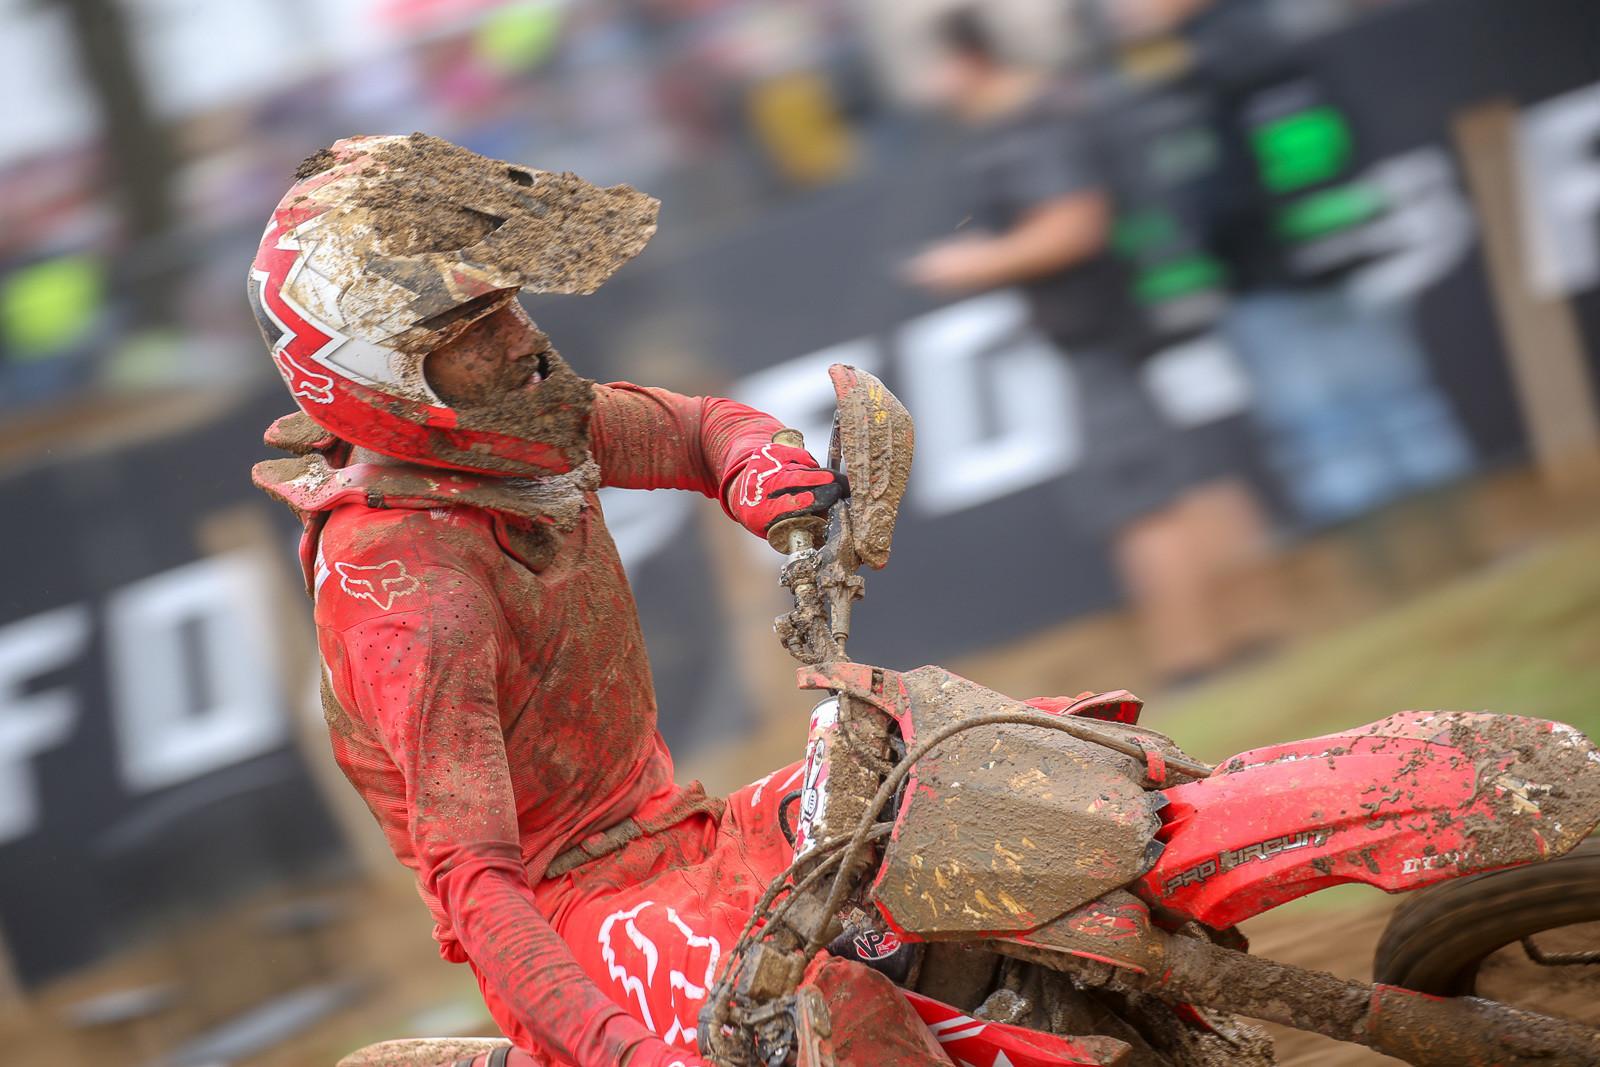 Colton Facciotti grabbed a top ten finish among the MXGP competitors in moto one.